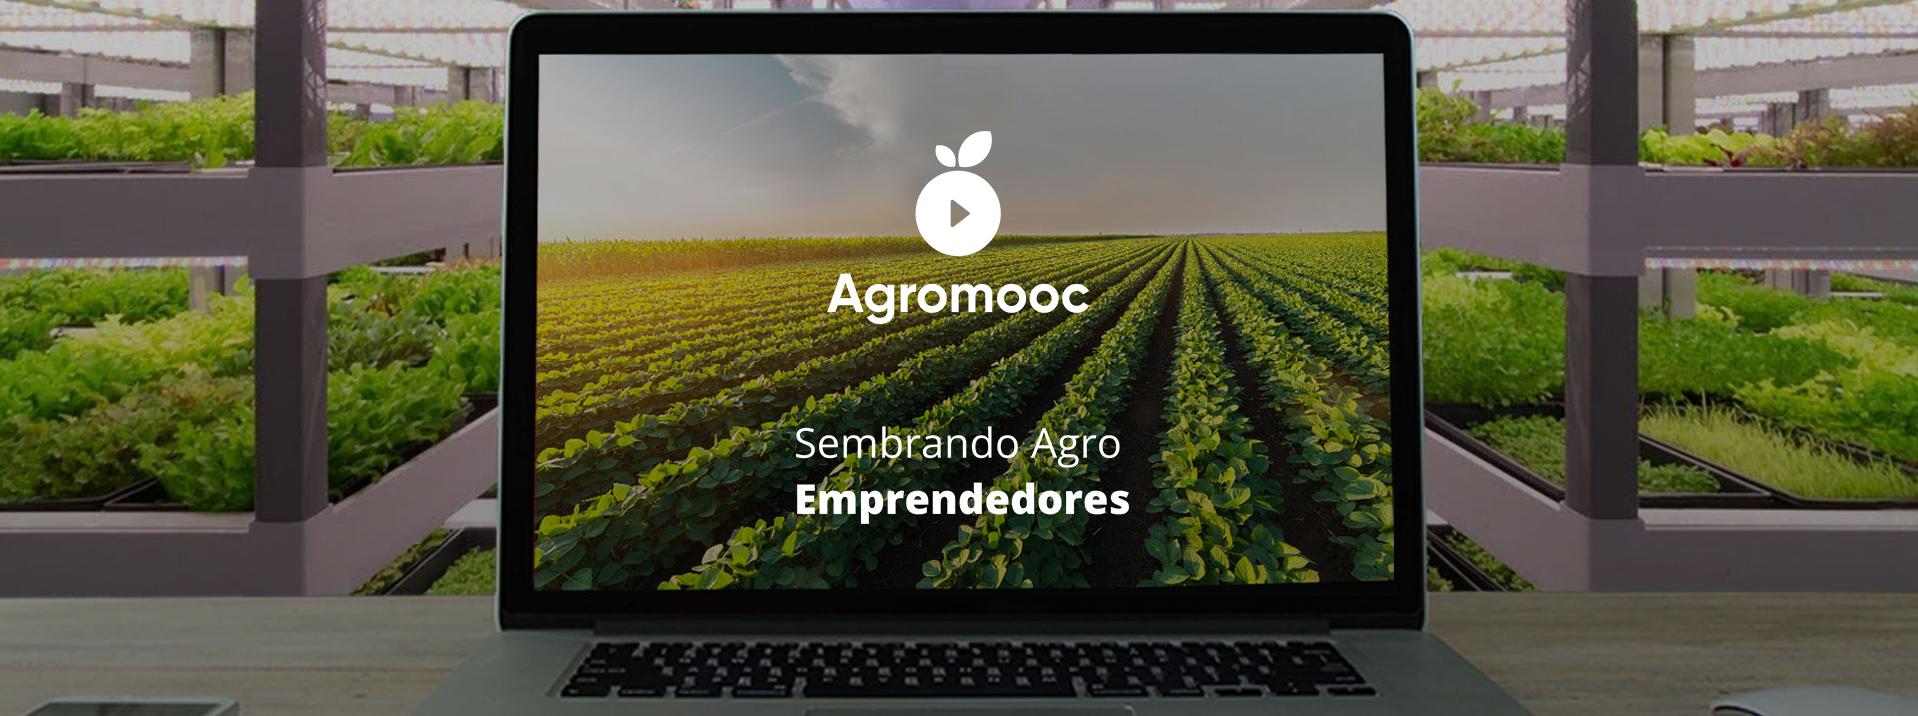 Agromooc Sembrando emprendedores